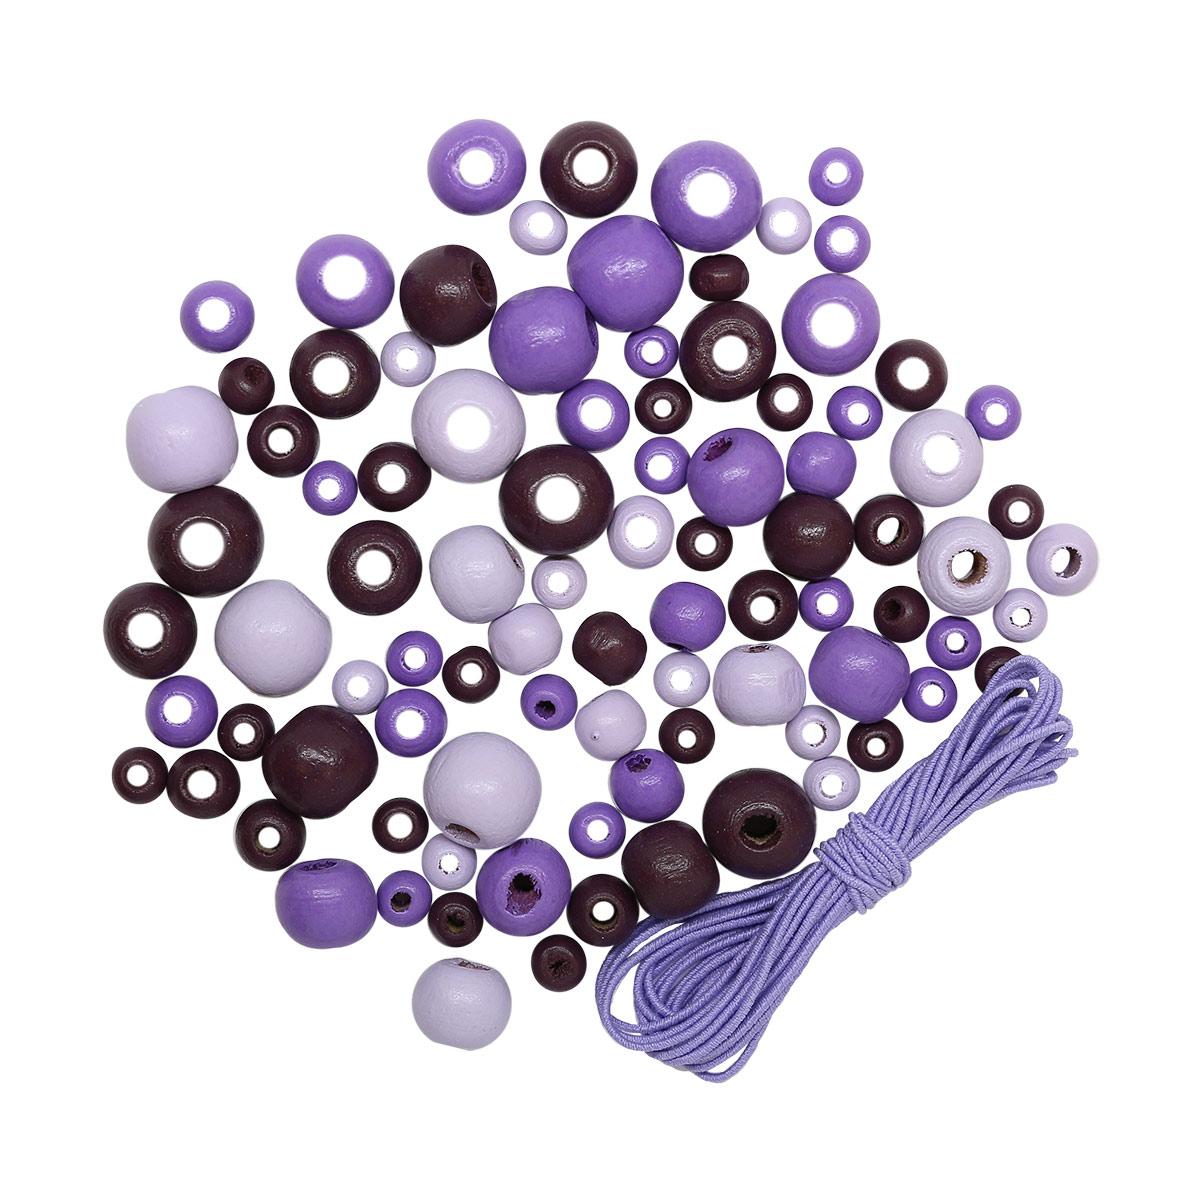 160817 Набор деревянных бусин со шнуром, фиолетовый микс, 6,8,10,12мм, 90шт/упак, Астра.